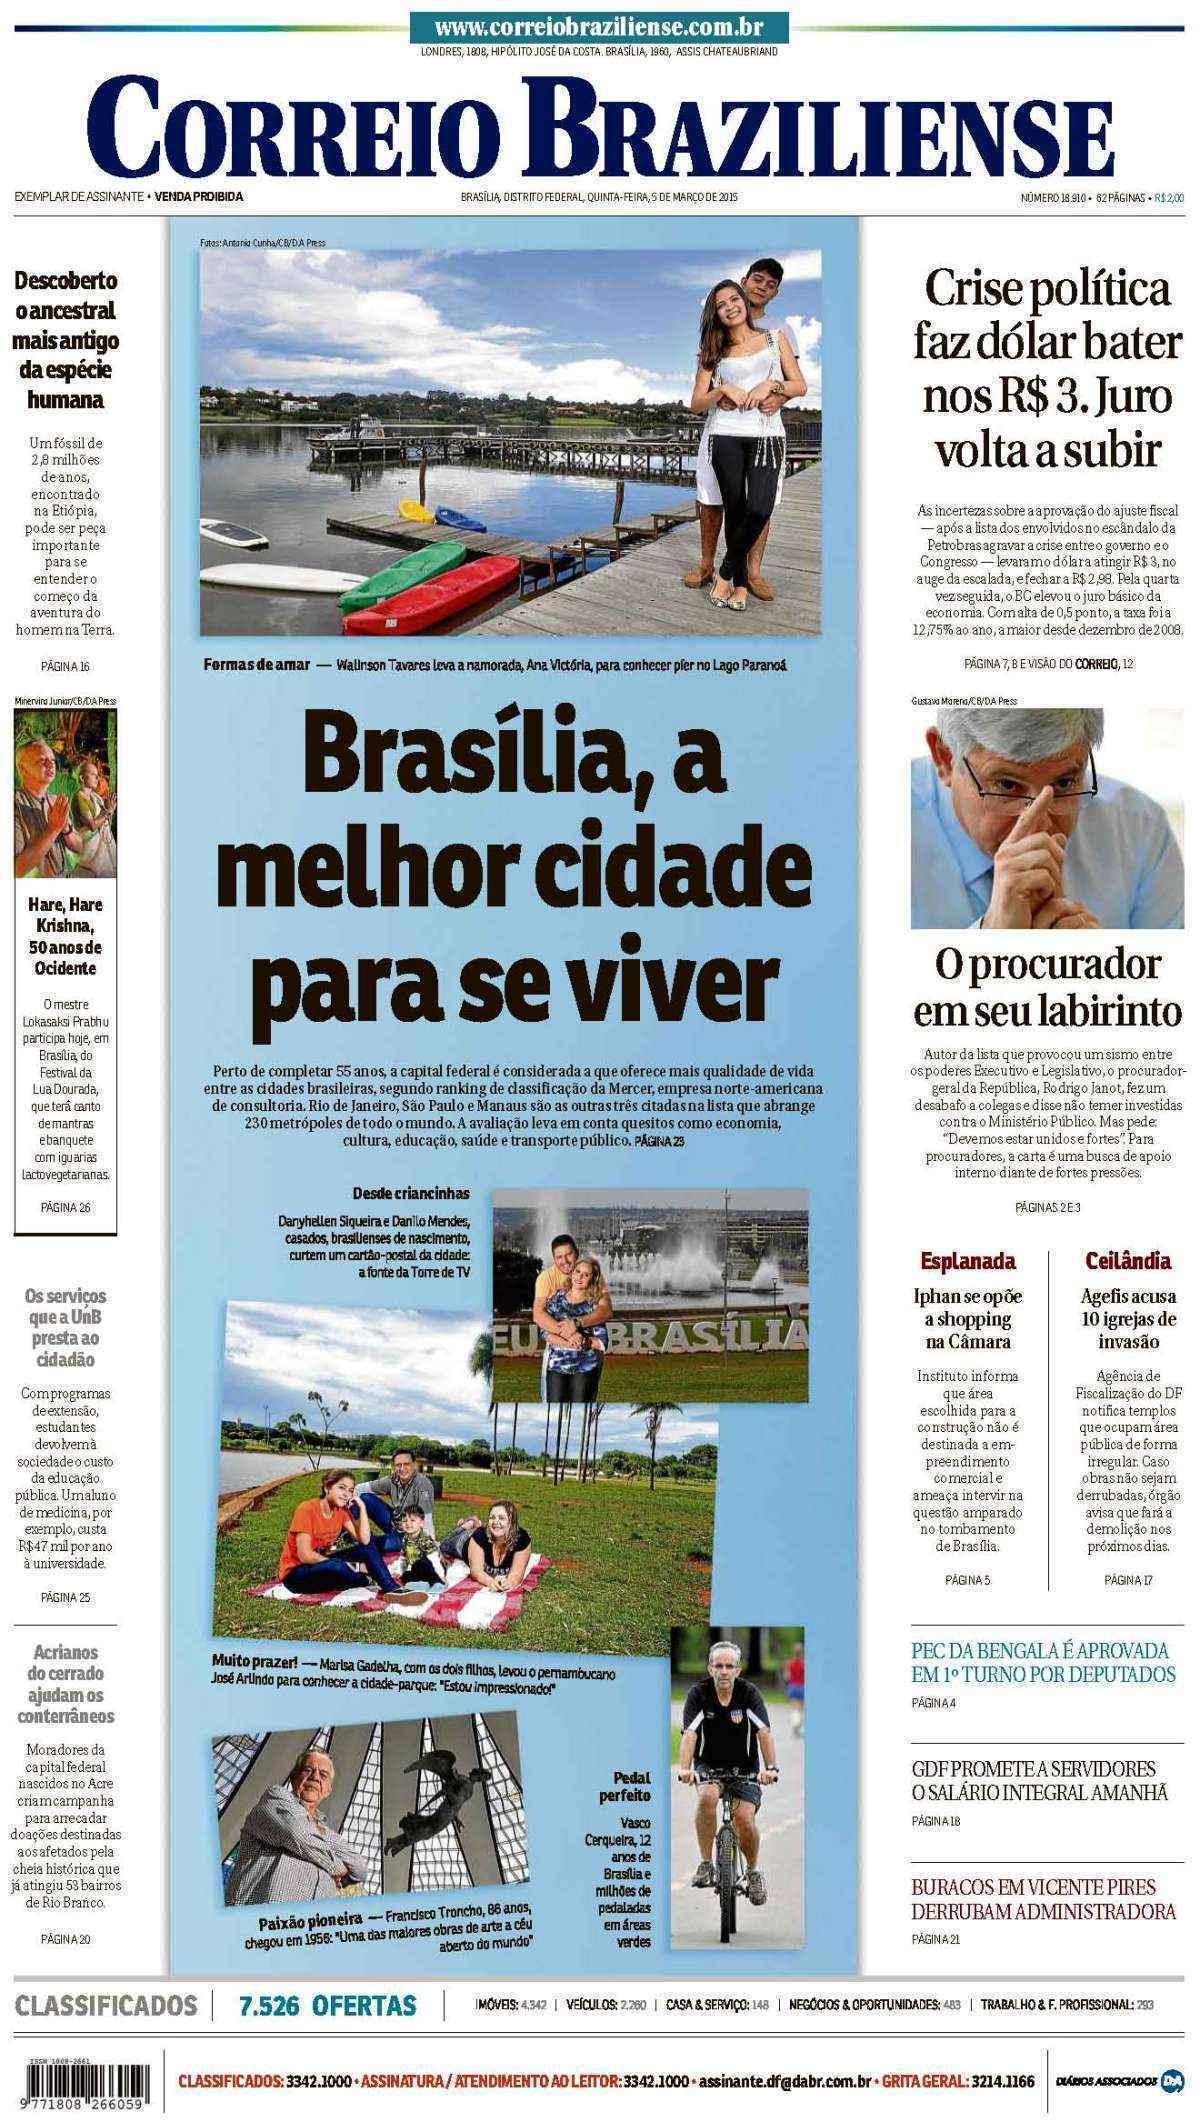 Correio Braziliense, 05 de Março de 2015